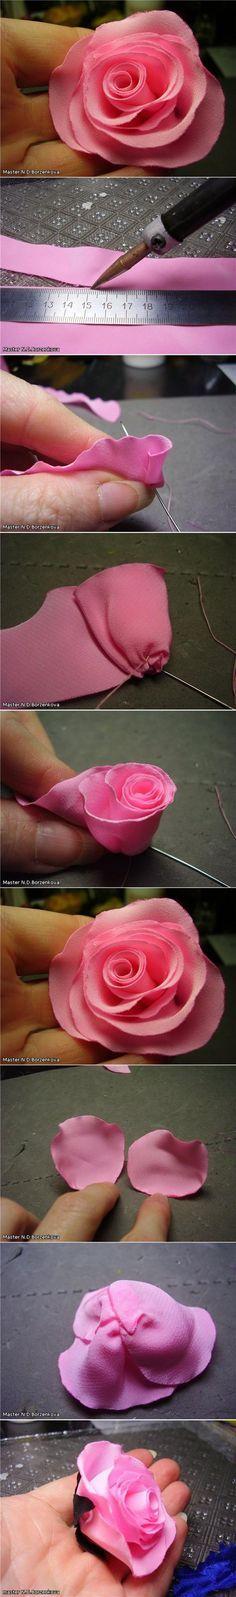 Realizar una rosa con tela, envolviendola en vez de cortar pétalo por pétalo.